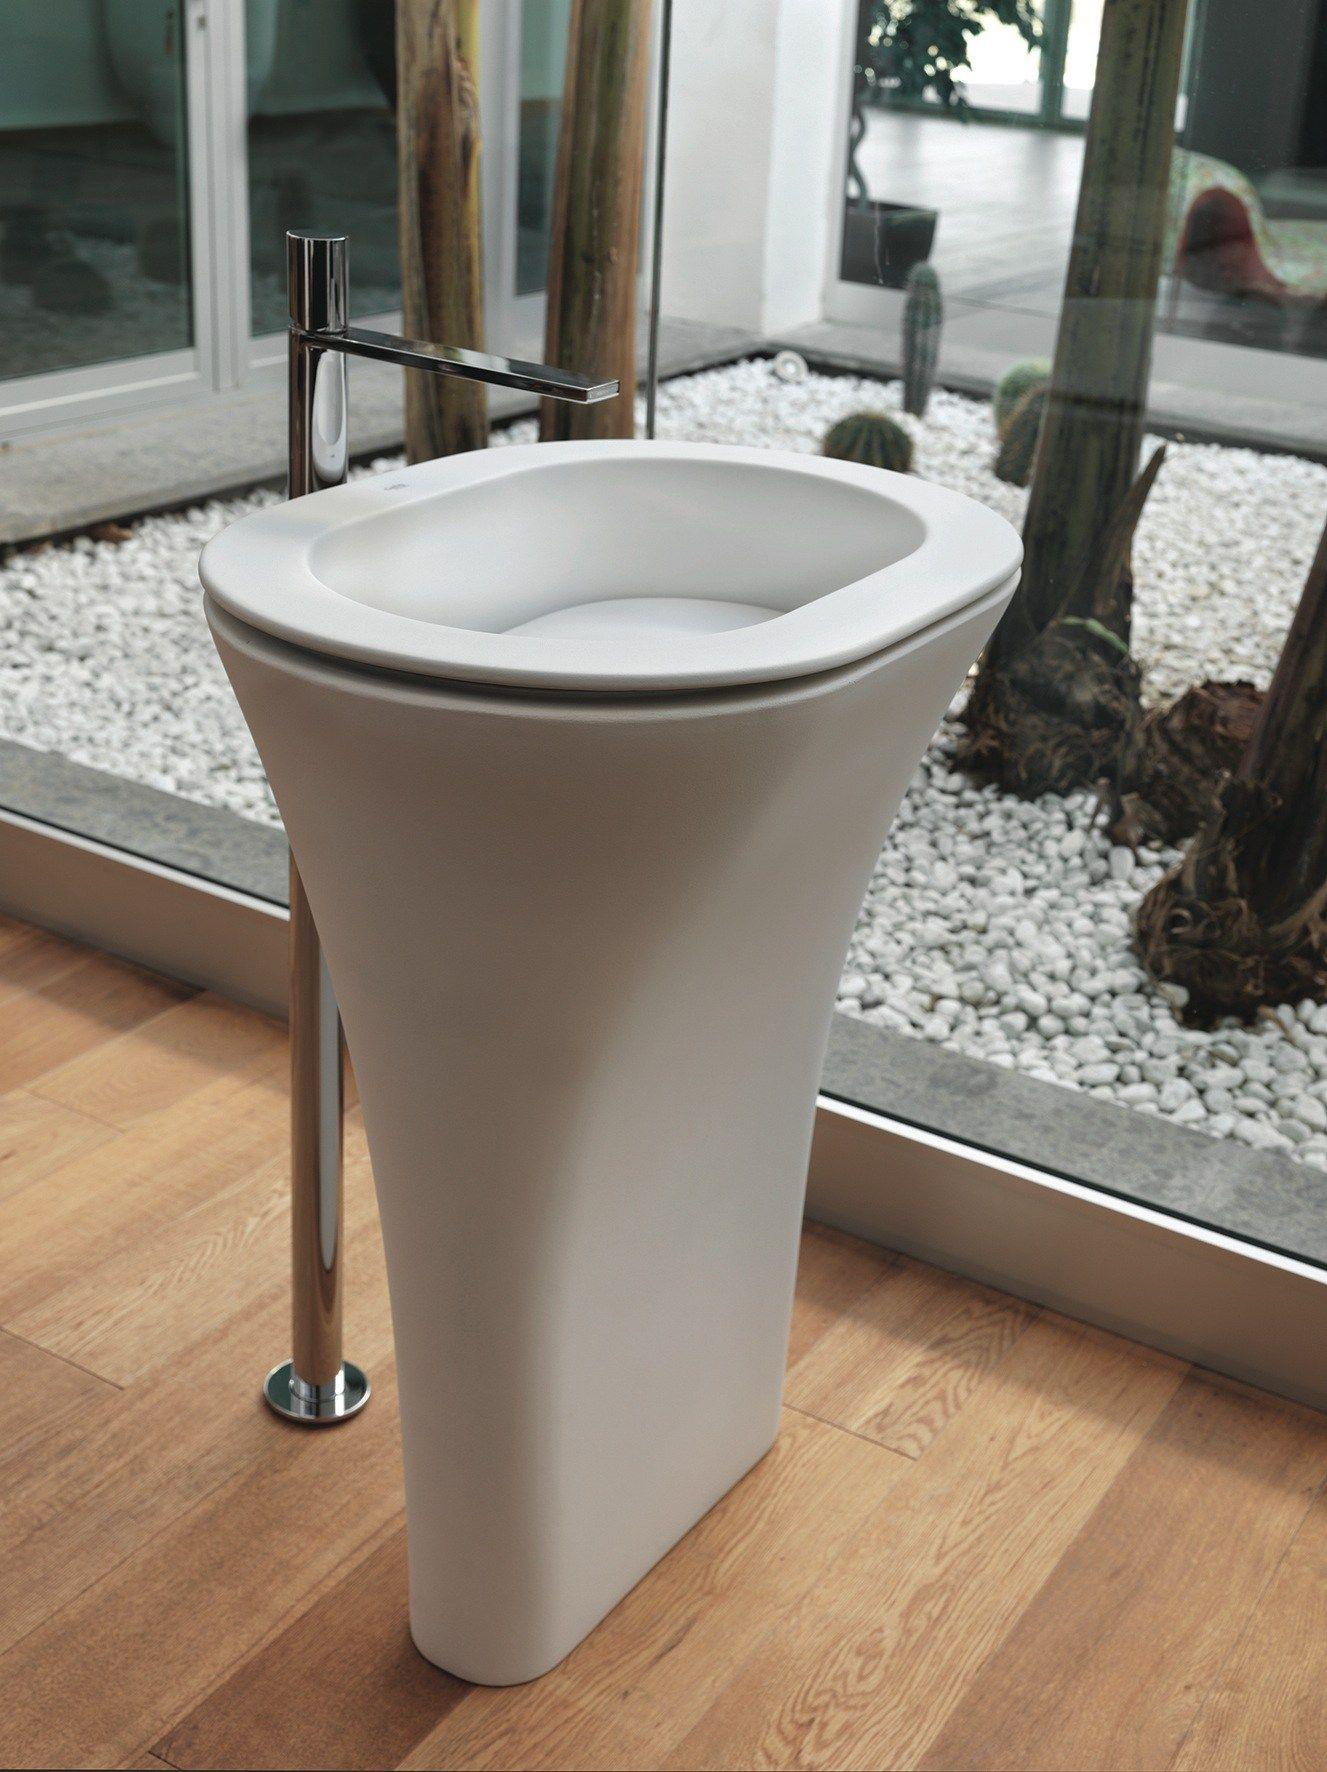 Amedeo Ovale Www Tilezooo Blogspot It Wash Basin Washbasin Design Modern Basin